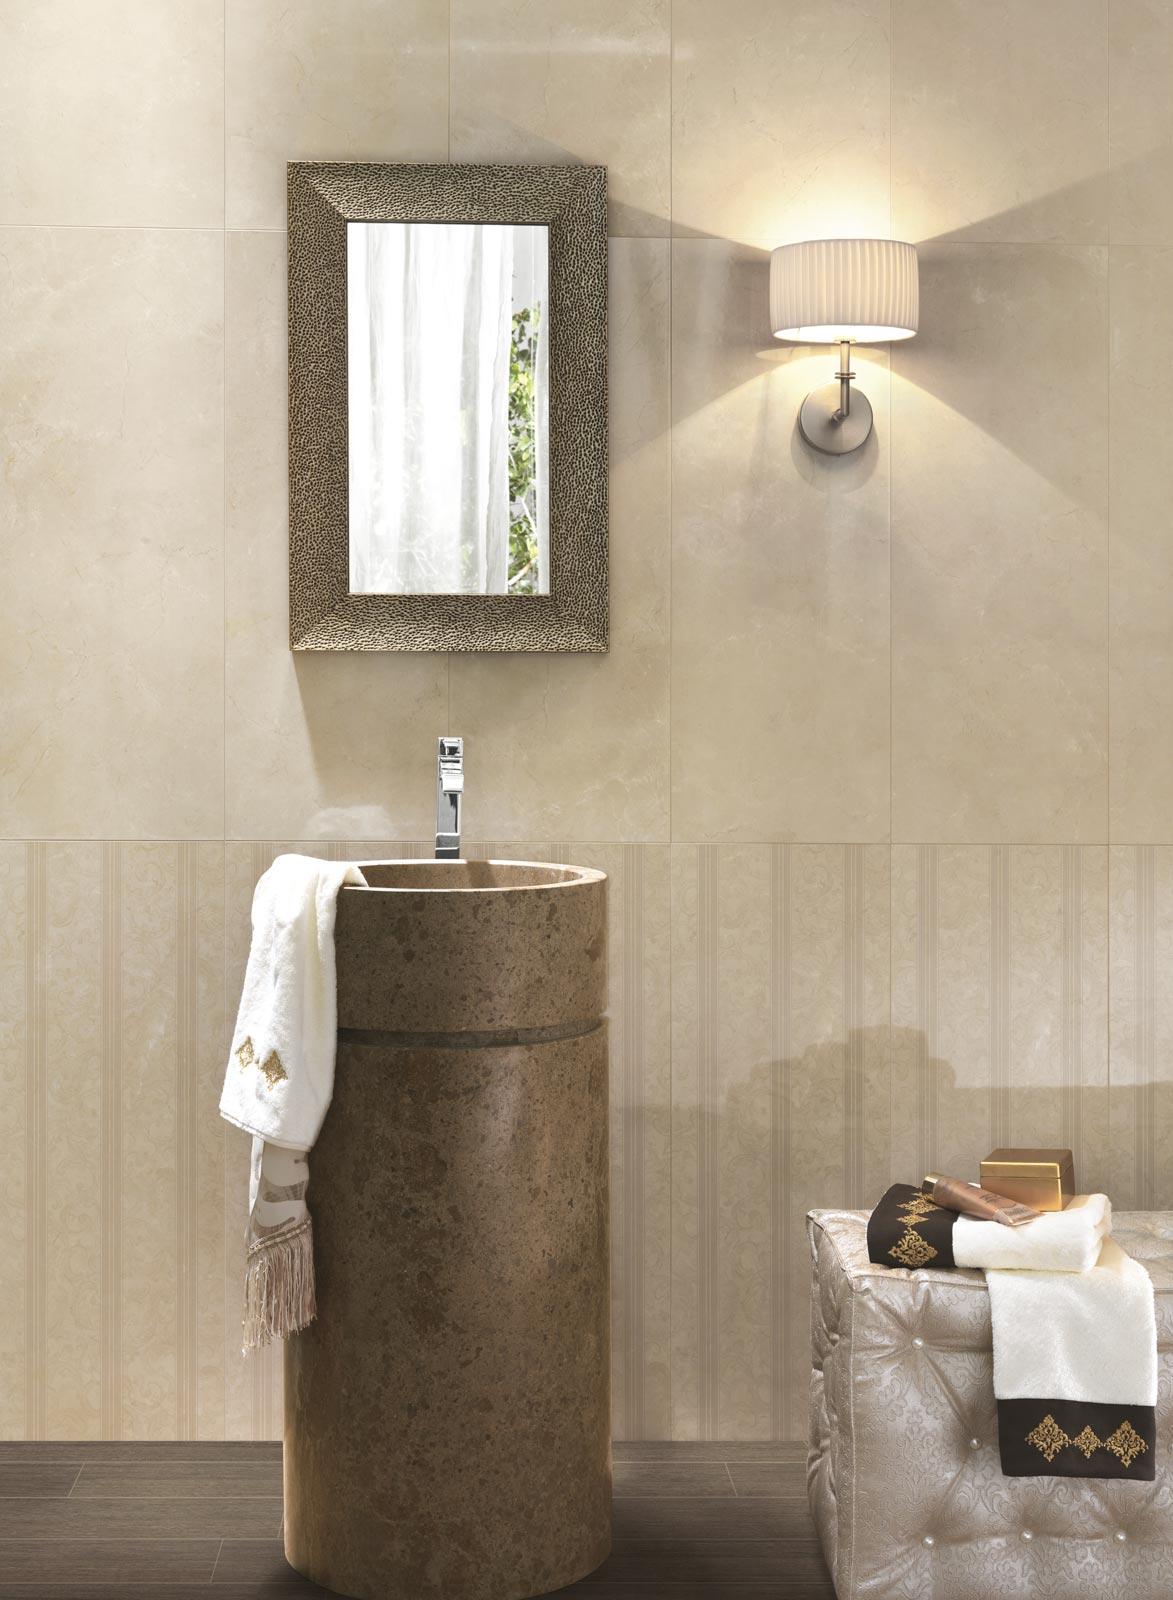 Elegant PorcelThin Large Format Porcelain Tile Collections For Walls Amp Floors